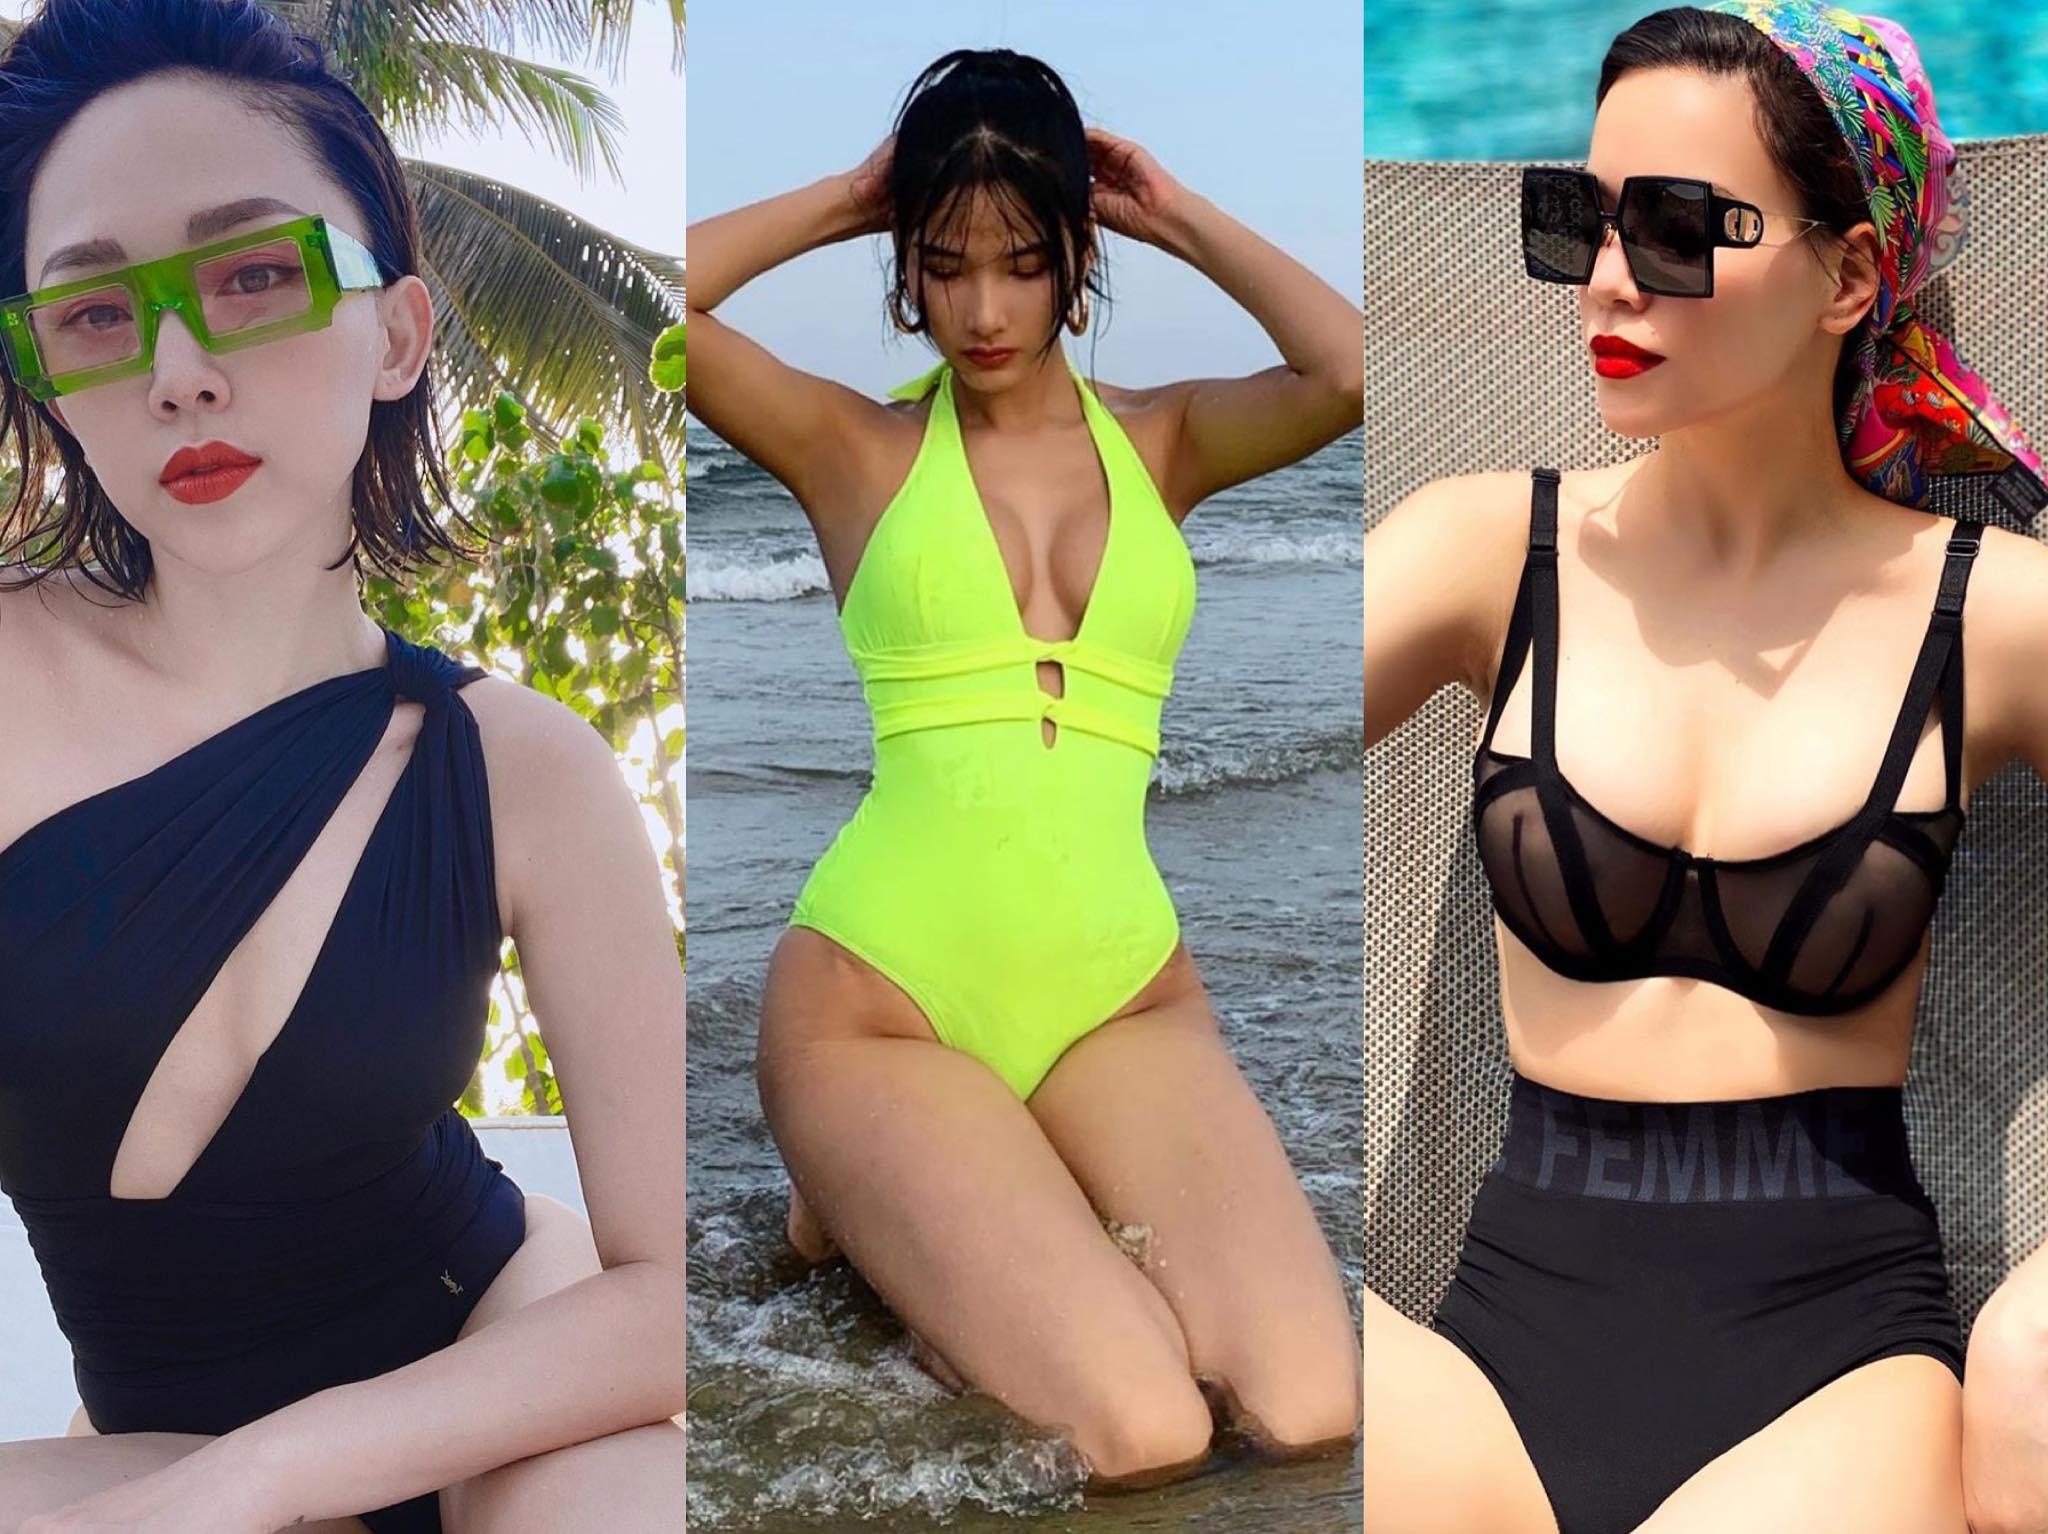 Mới đầu hè, hàng loạt mỹ nữ Việt đã khoe dáng nóng bỏng trong bộ bikini